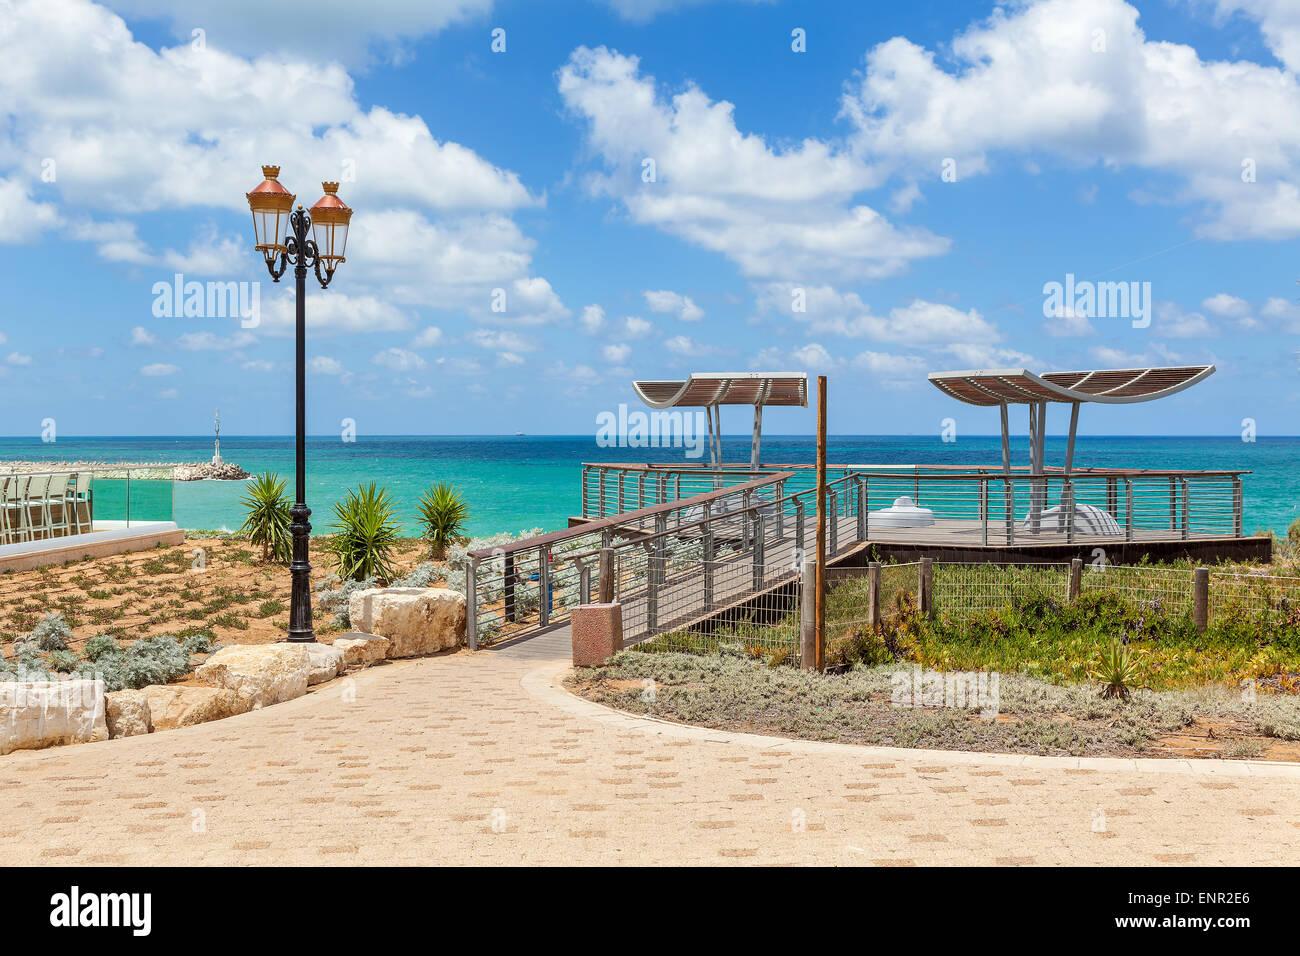 Sicht und Laternenpfahl auf Promenade mit Blick auf Mittelmeer unter blauem Himmel mit weißen Wolken in Ashkelon, Stockbild